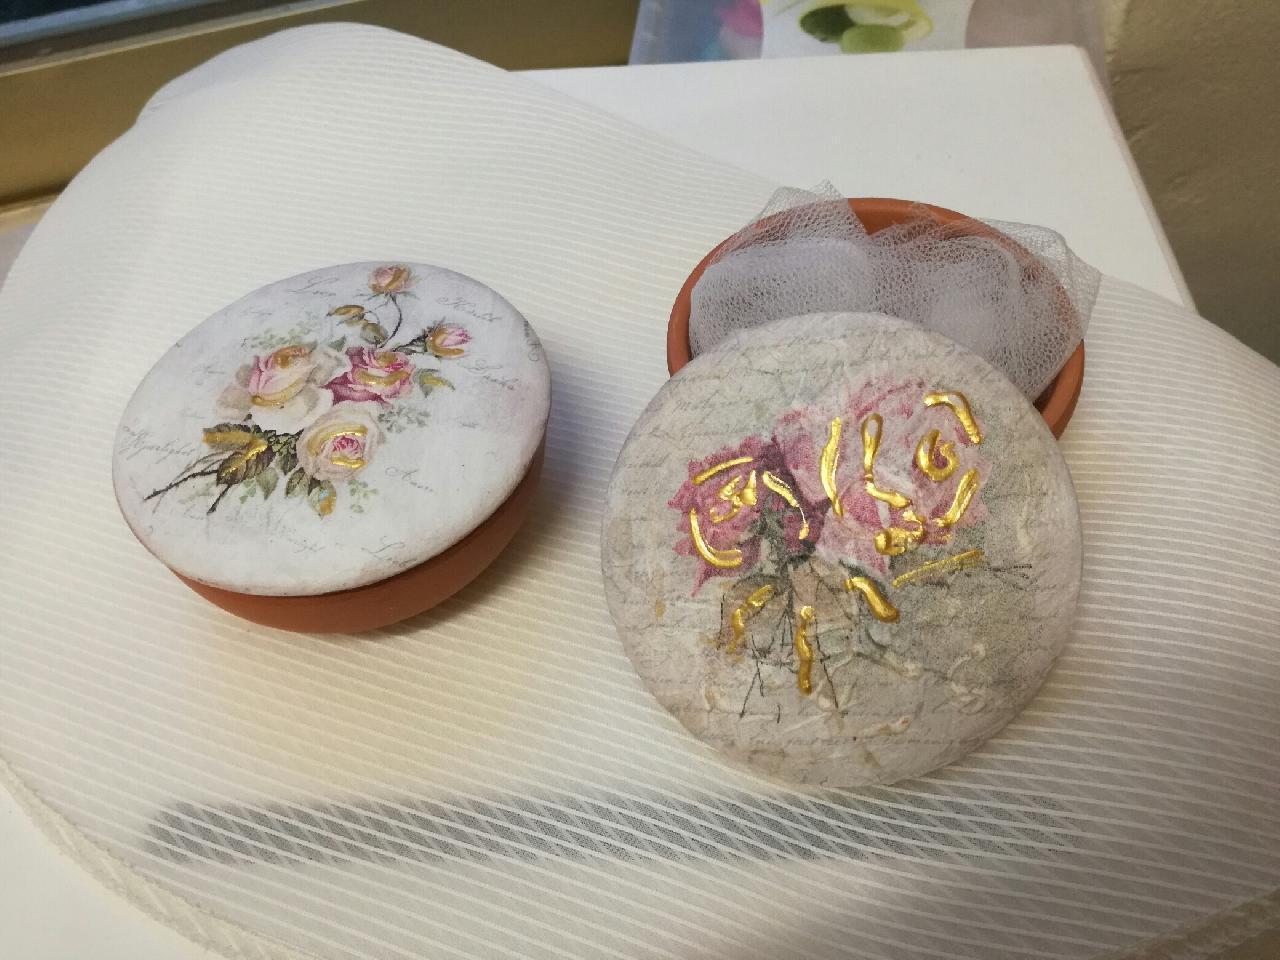 Ντεκουπάζ μπιζουτιέρα με φοράλ-λουλούδια μπομπονιέρα γάμου-βάπτισης